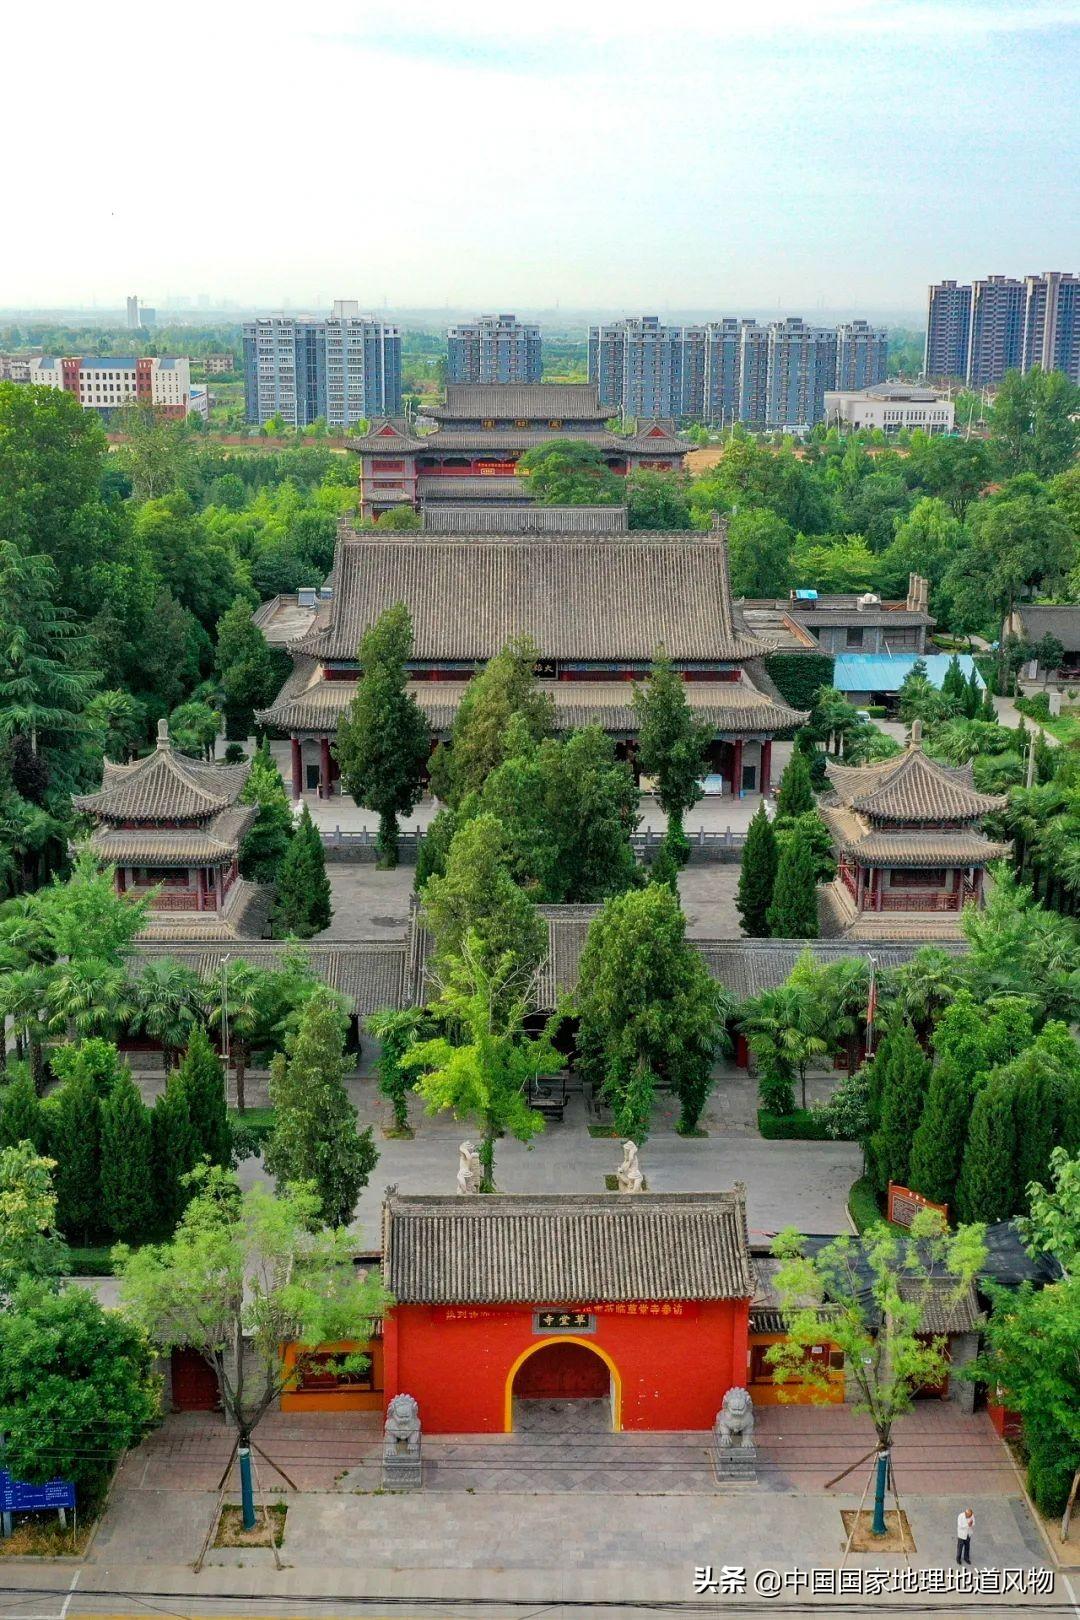 秦嶺,憑什么能定義中國?